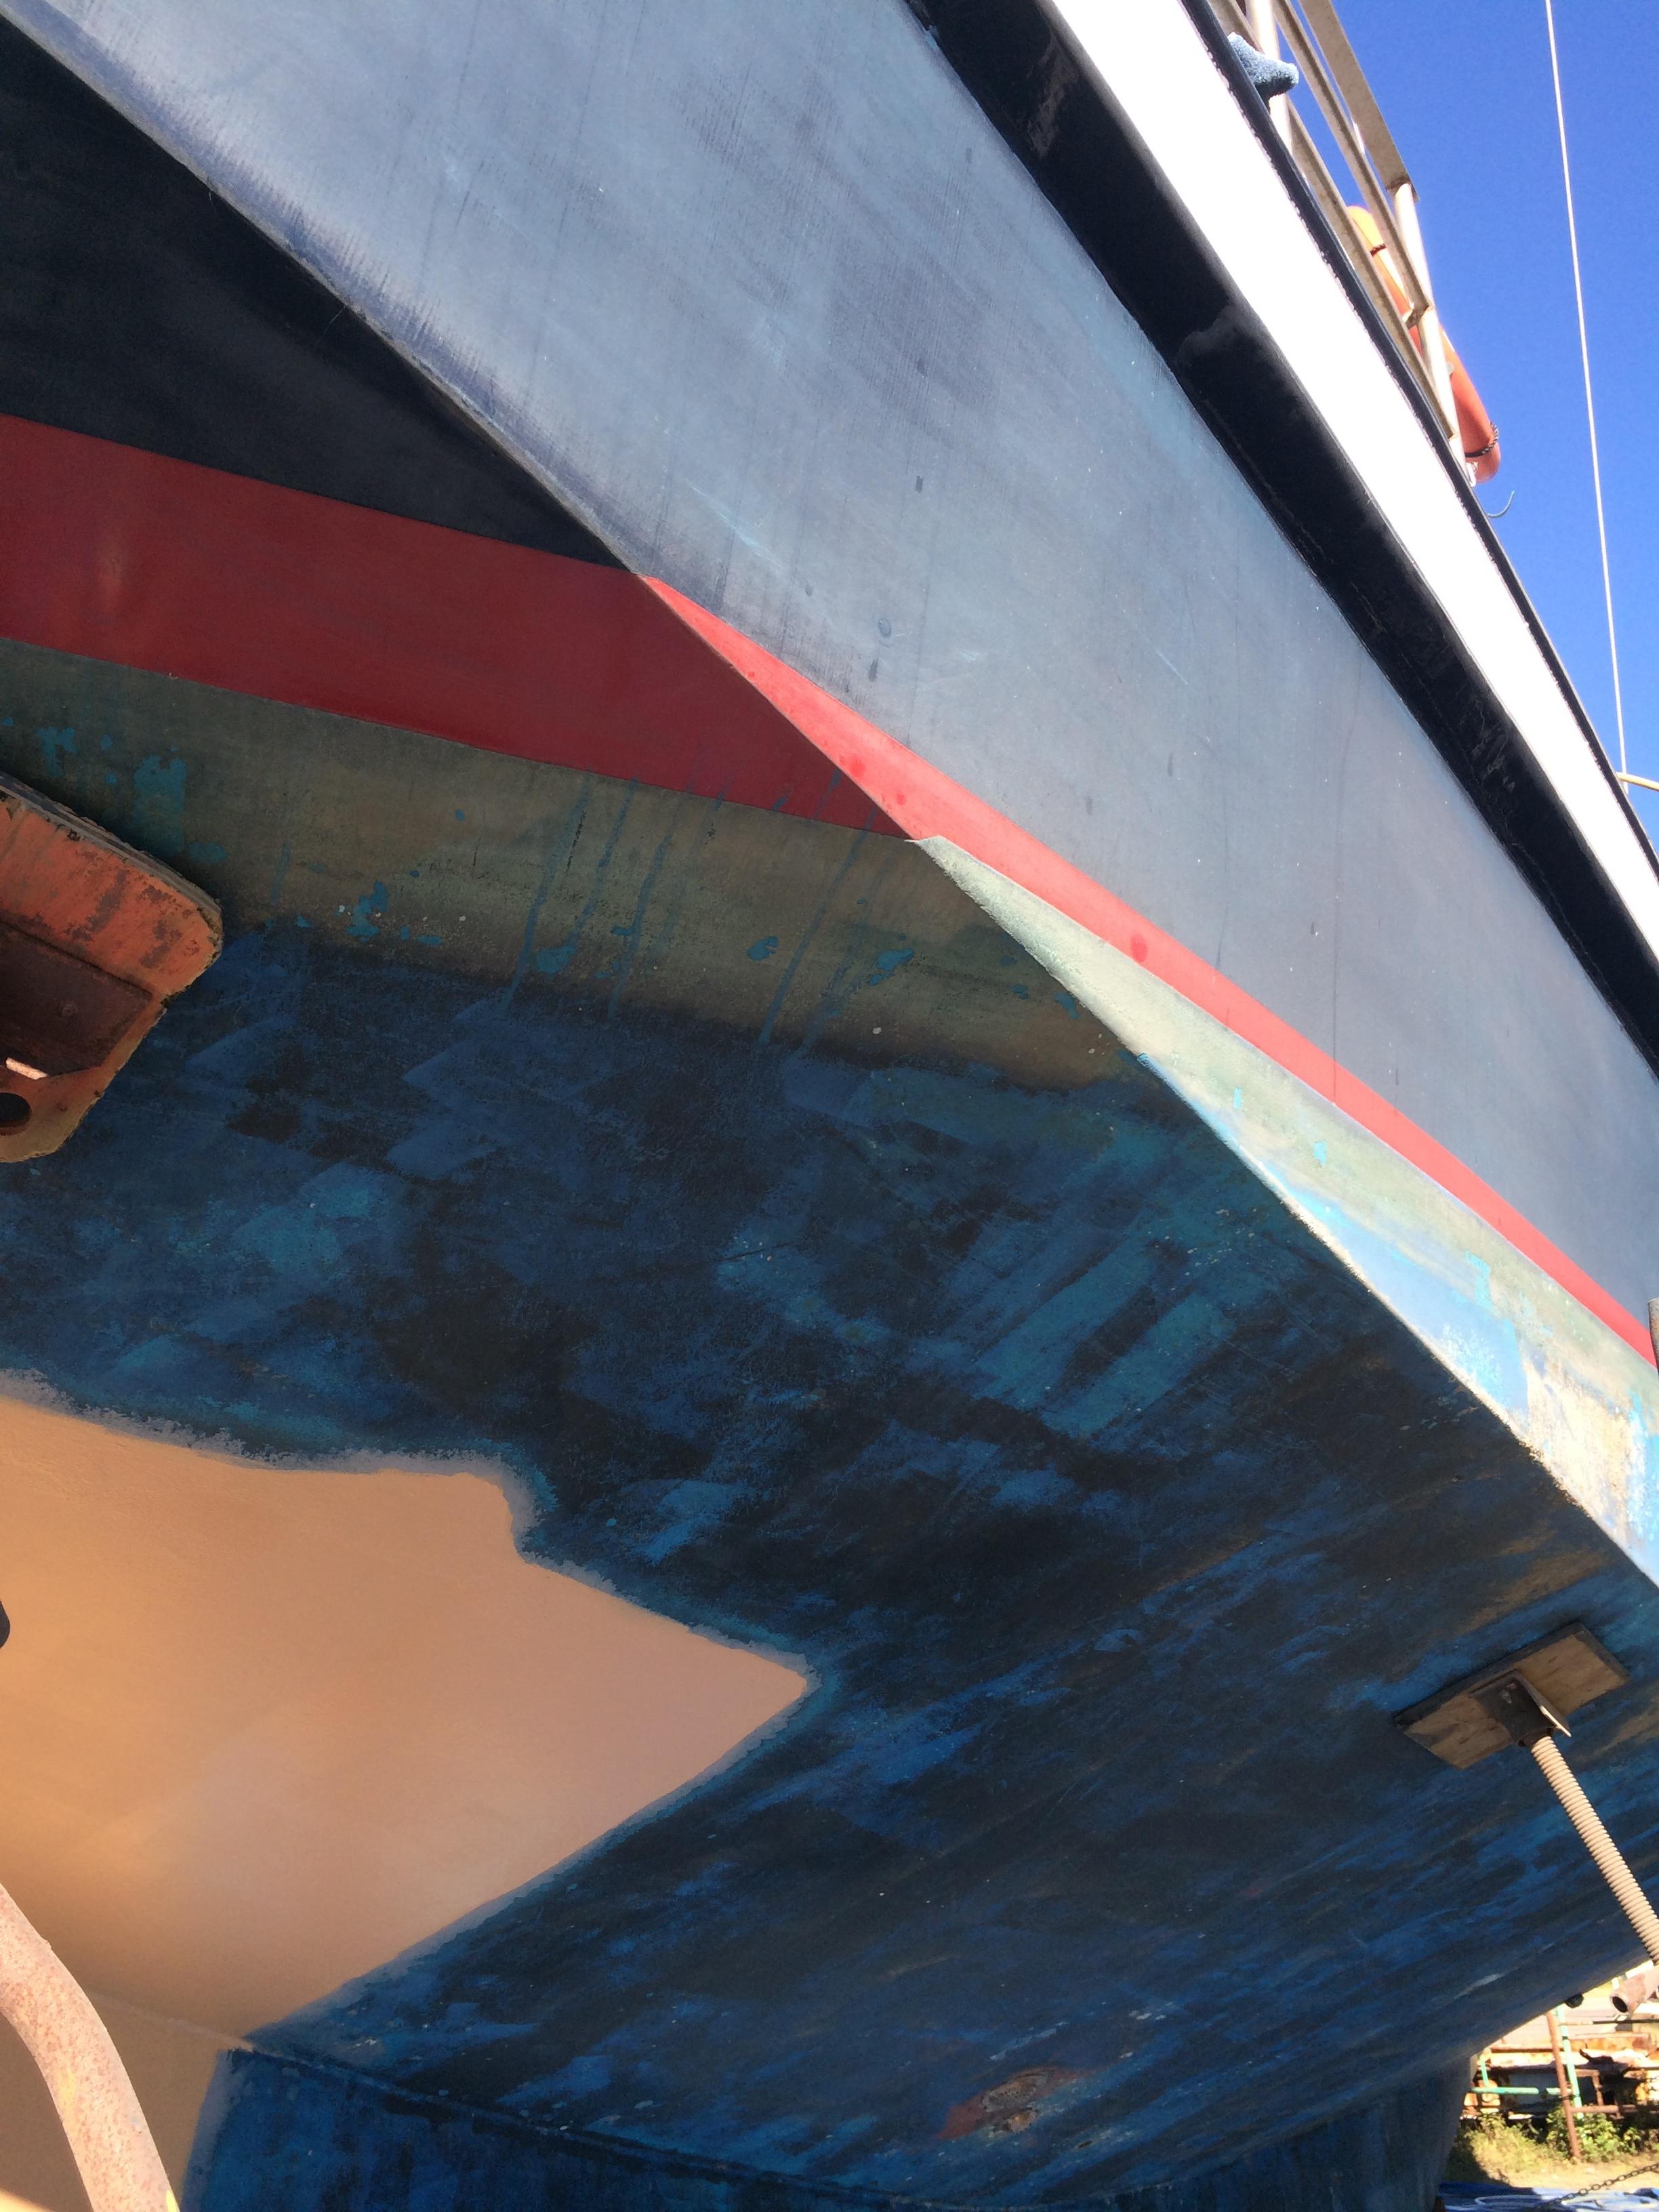 Schooner Freedom in the boatyard